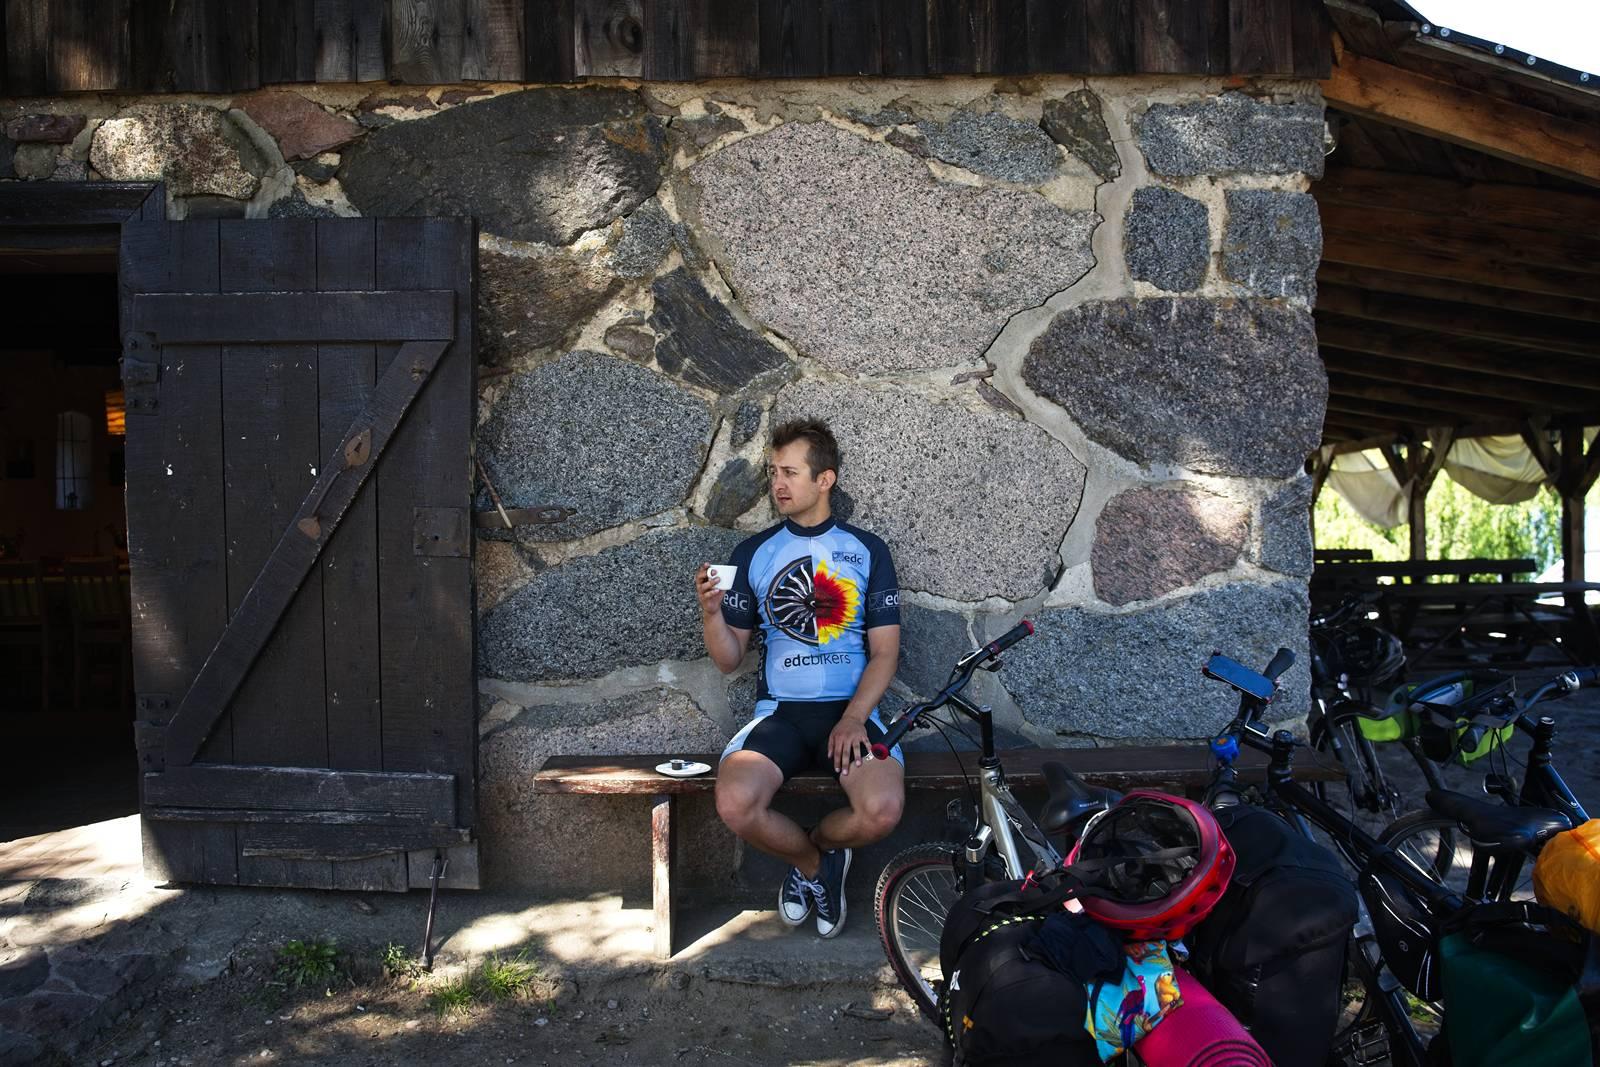 zakon starobrzedowcow wojnowo olsztyn gizycko rowerem